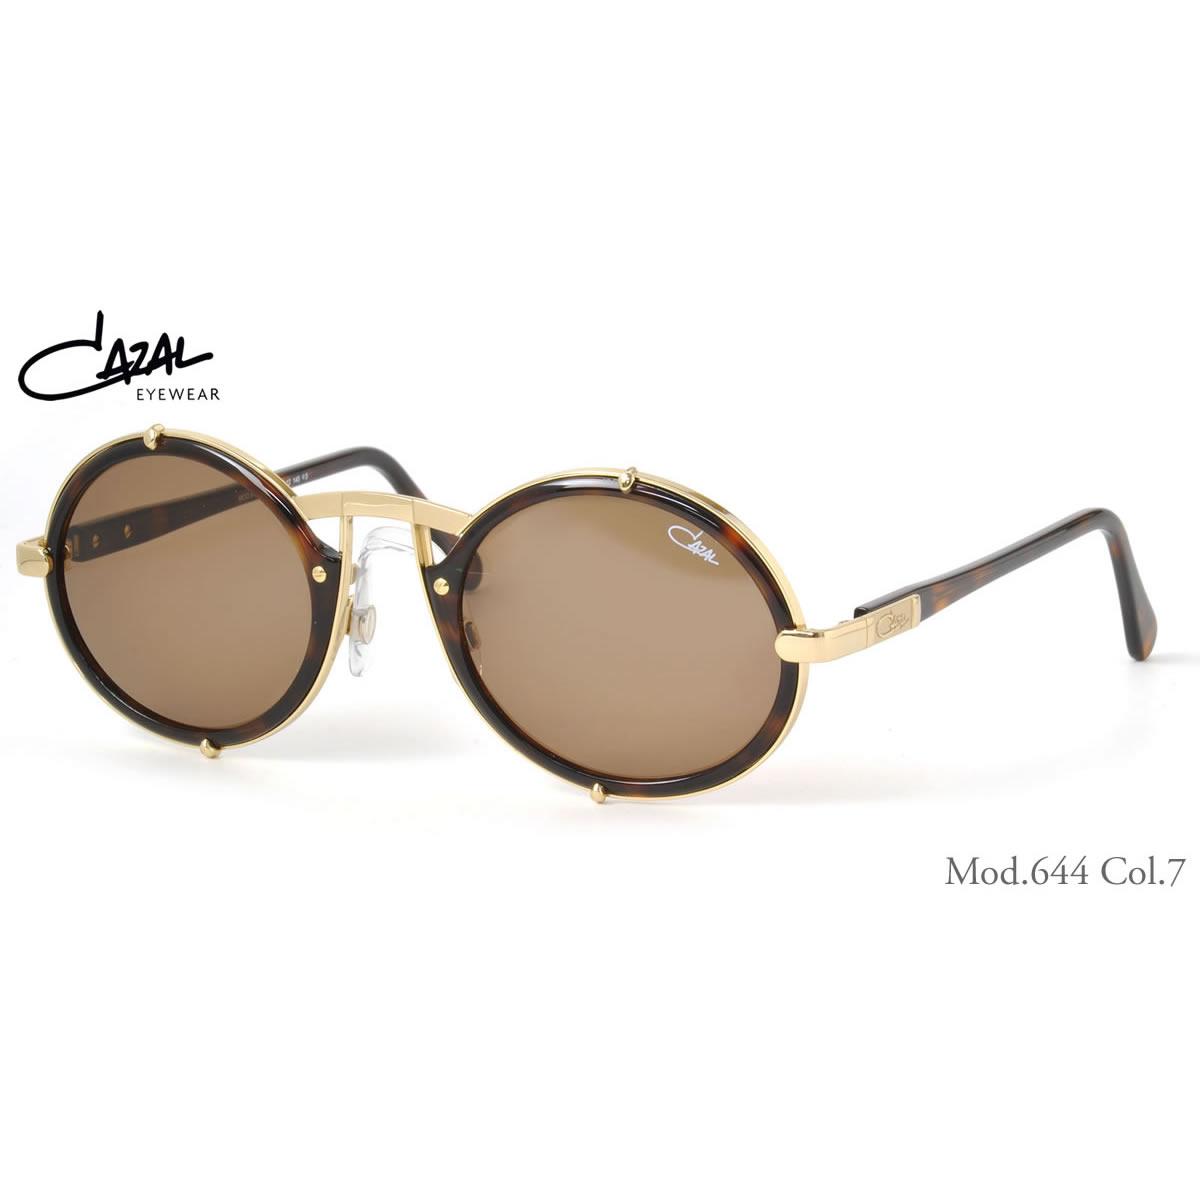 a0c9ffeae8 Optical Shop Thats  (Casal) sunglasses legends 644 007 53 size round round  glasses legend CAZAL LEGENDS men s women s